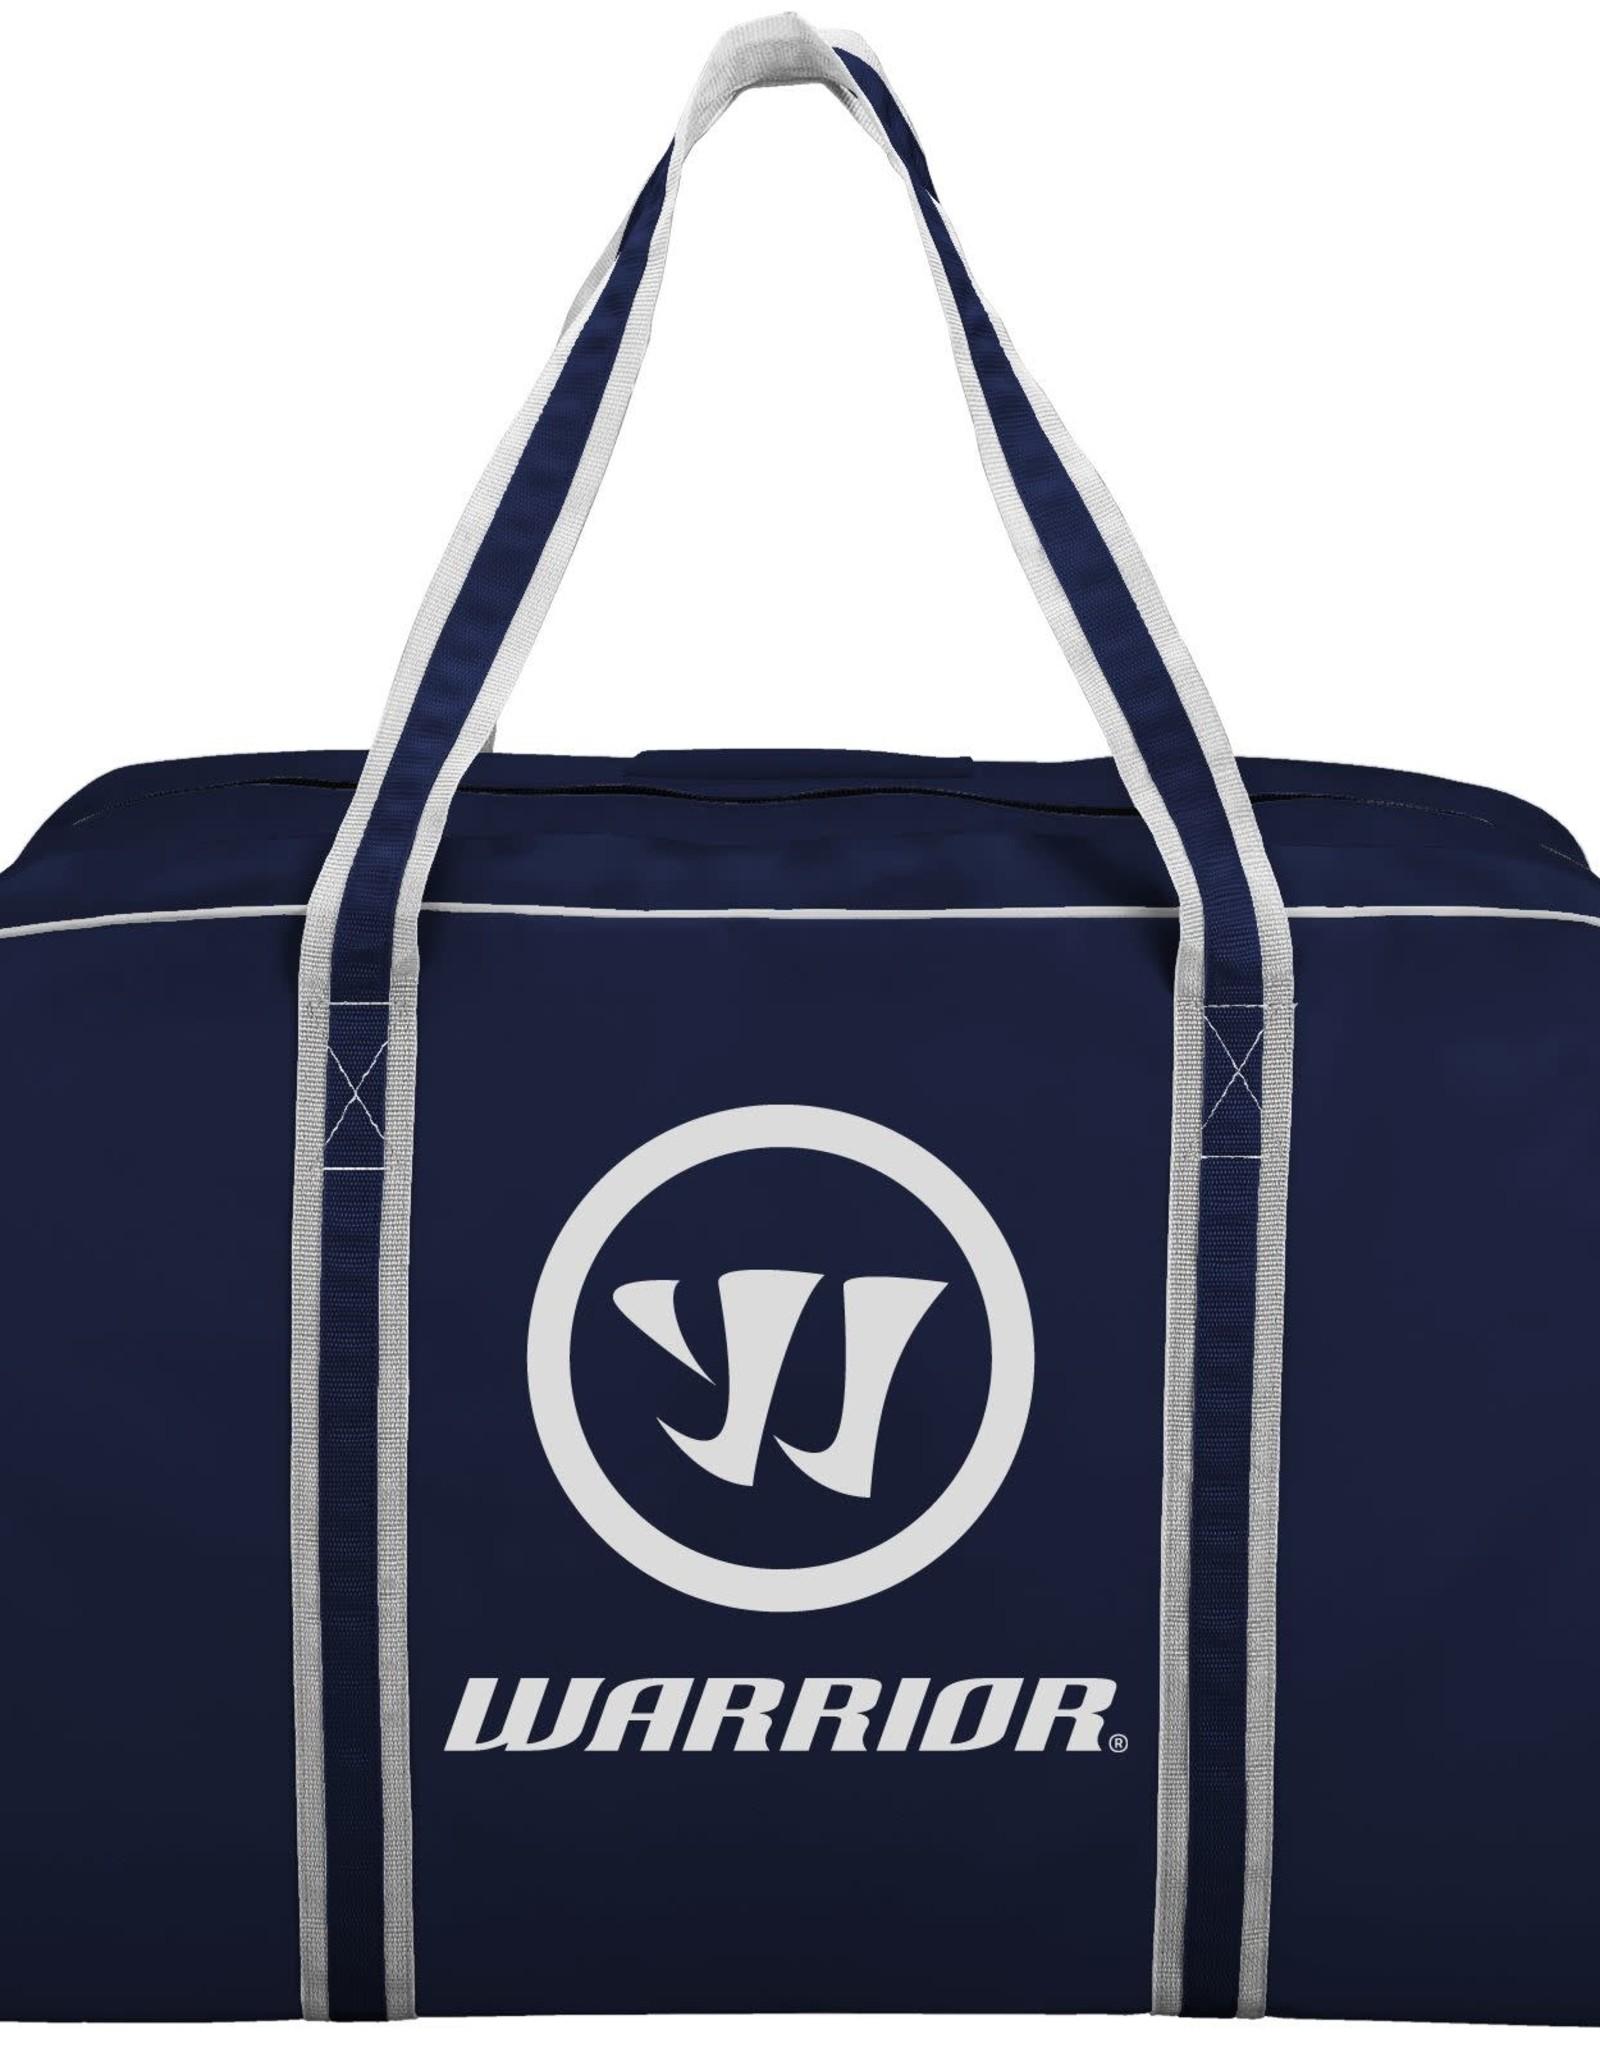 Warrior St. Peters Warrior Pro Bag (Goalie)